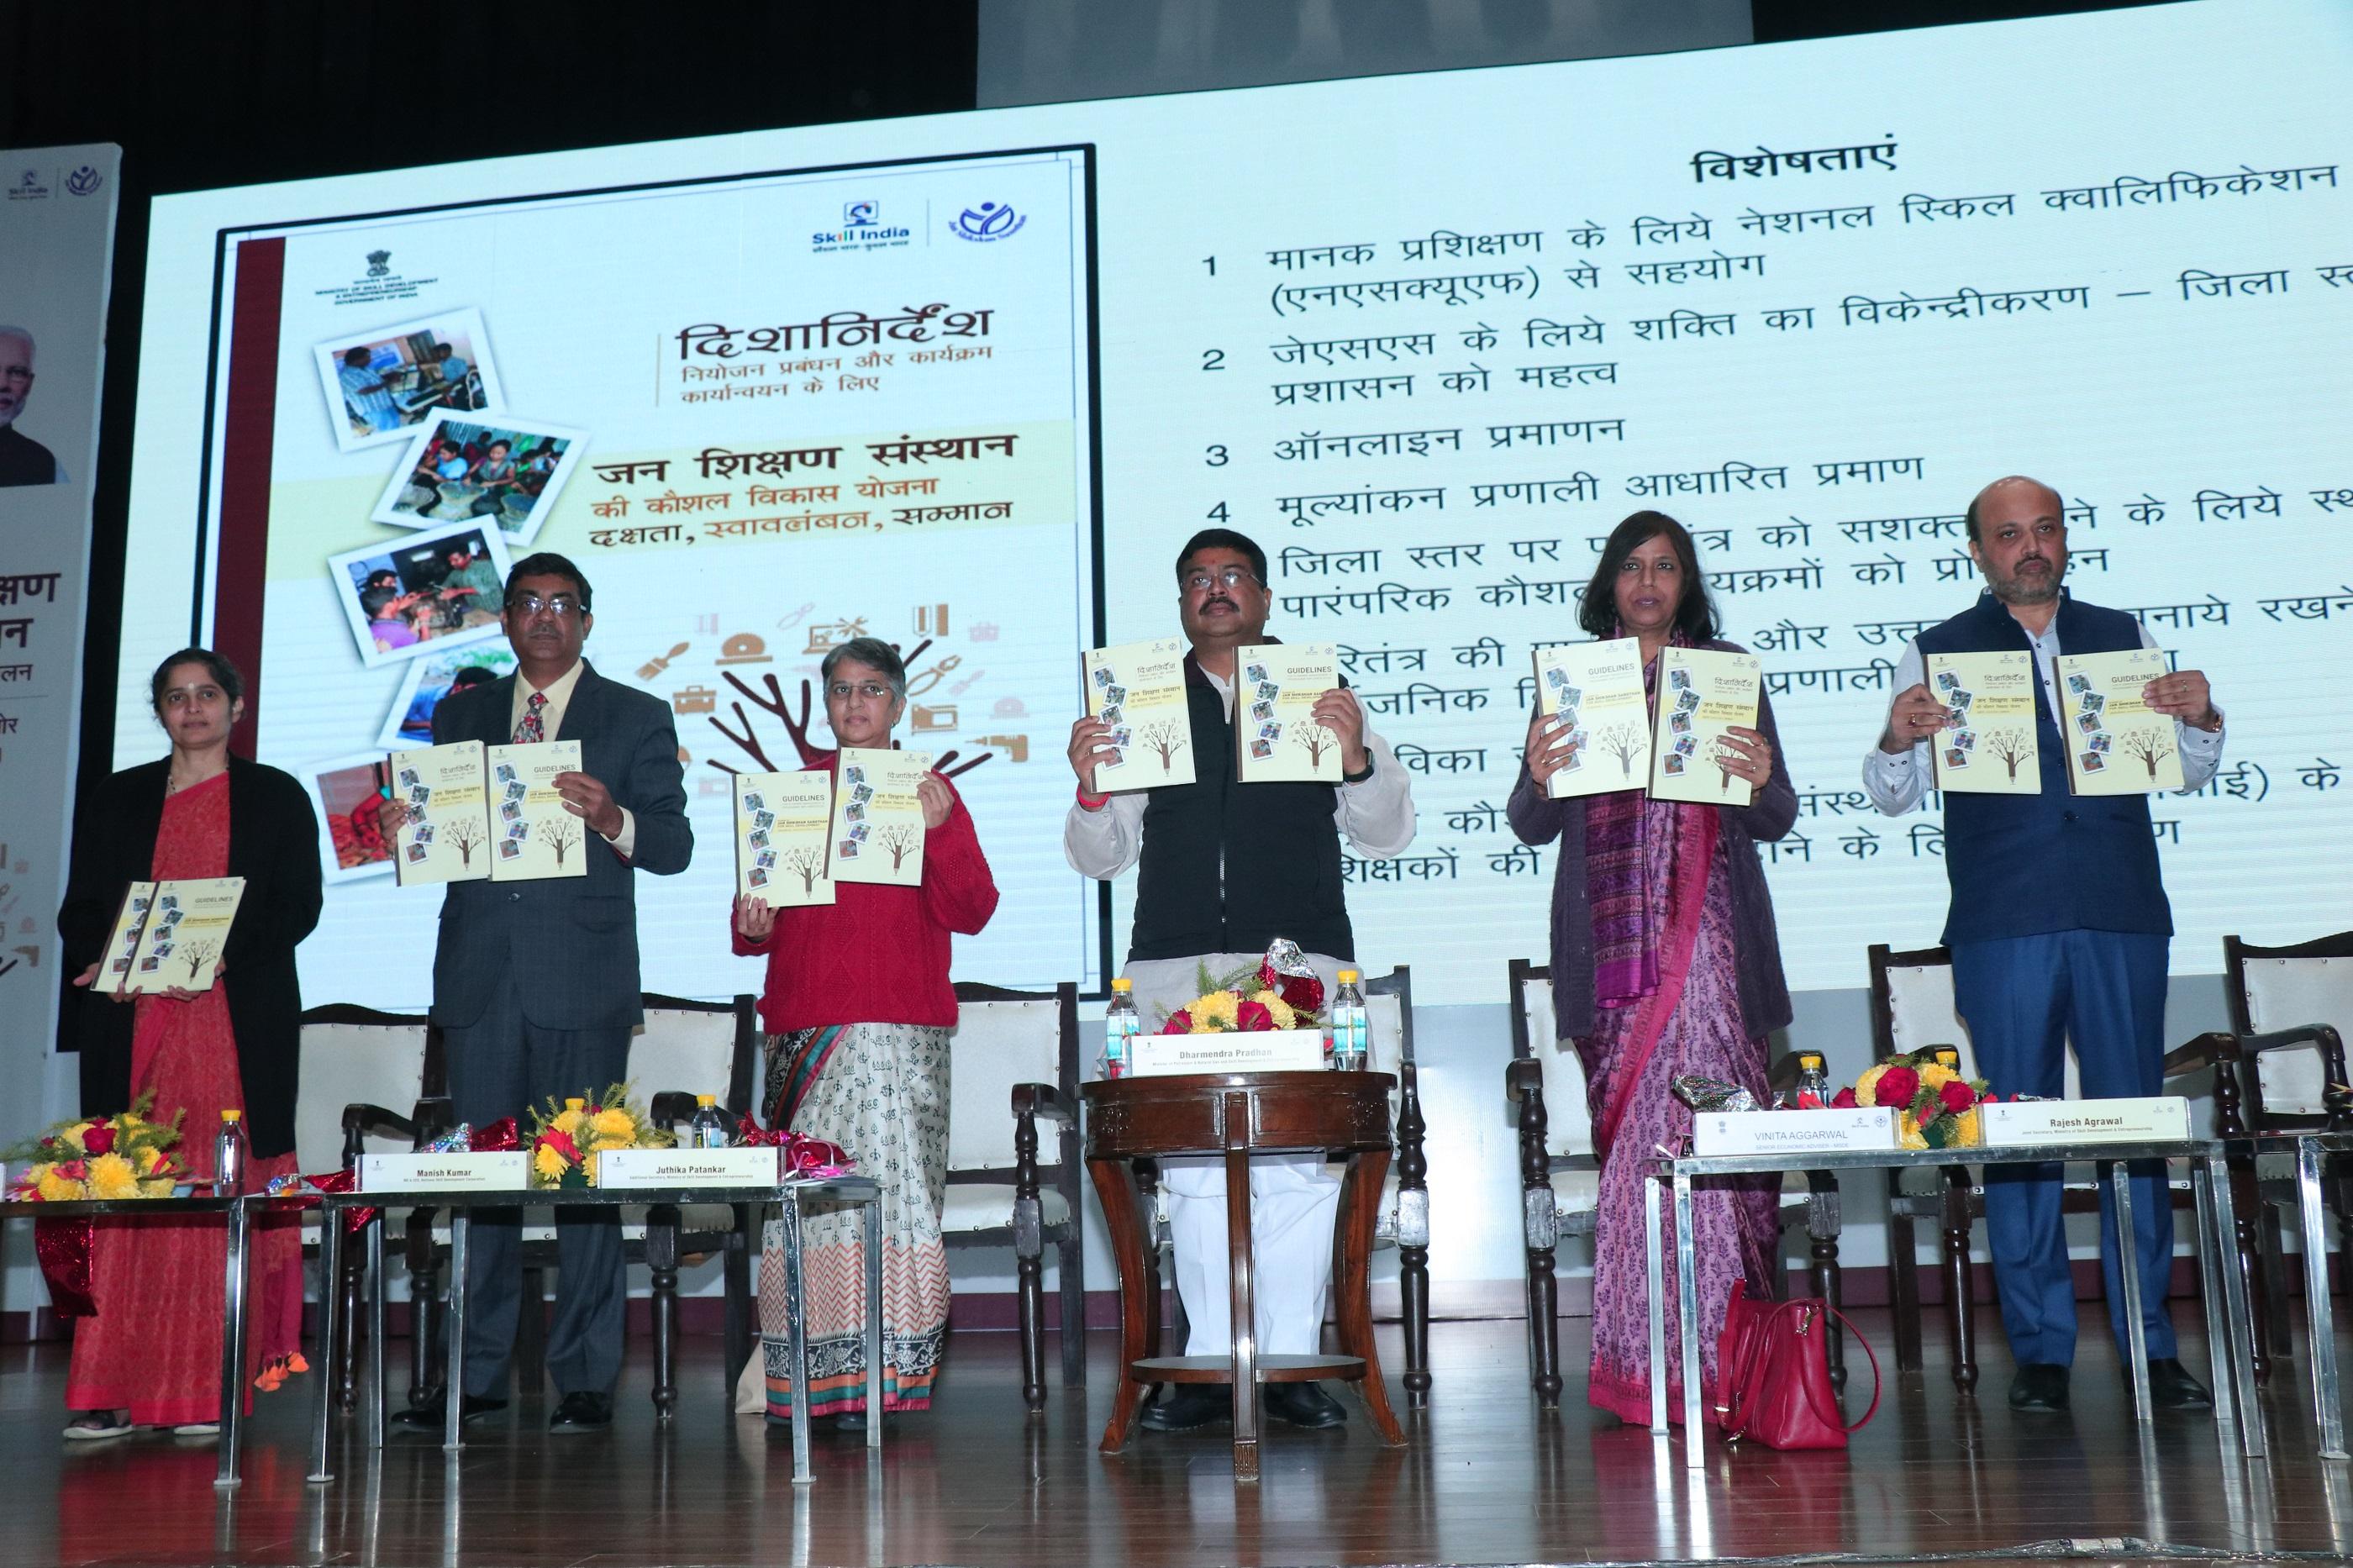 Jan Shikshan Sansthans (JSS) reforms